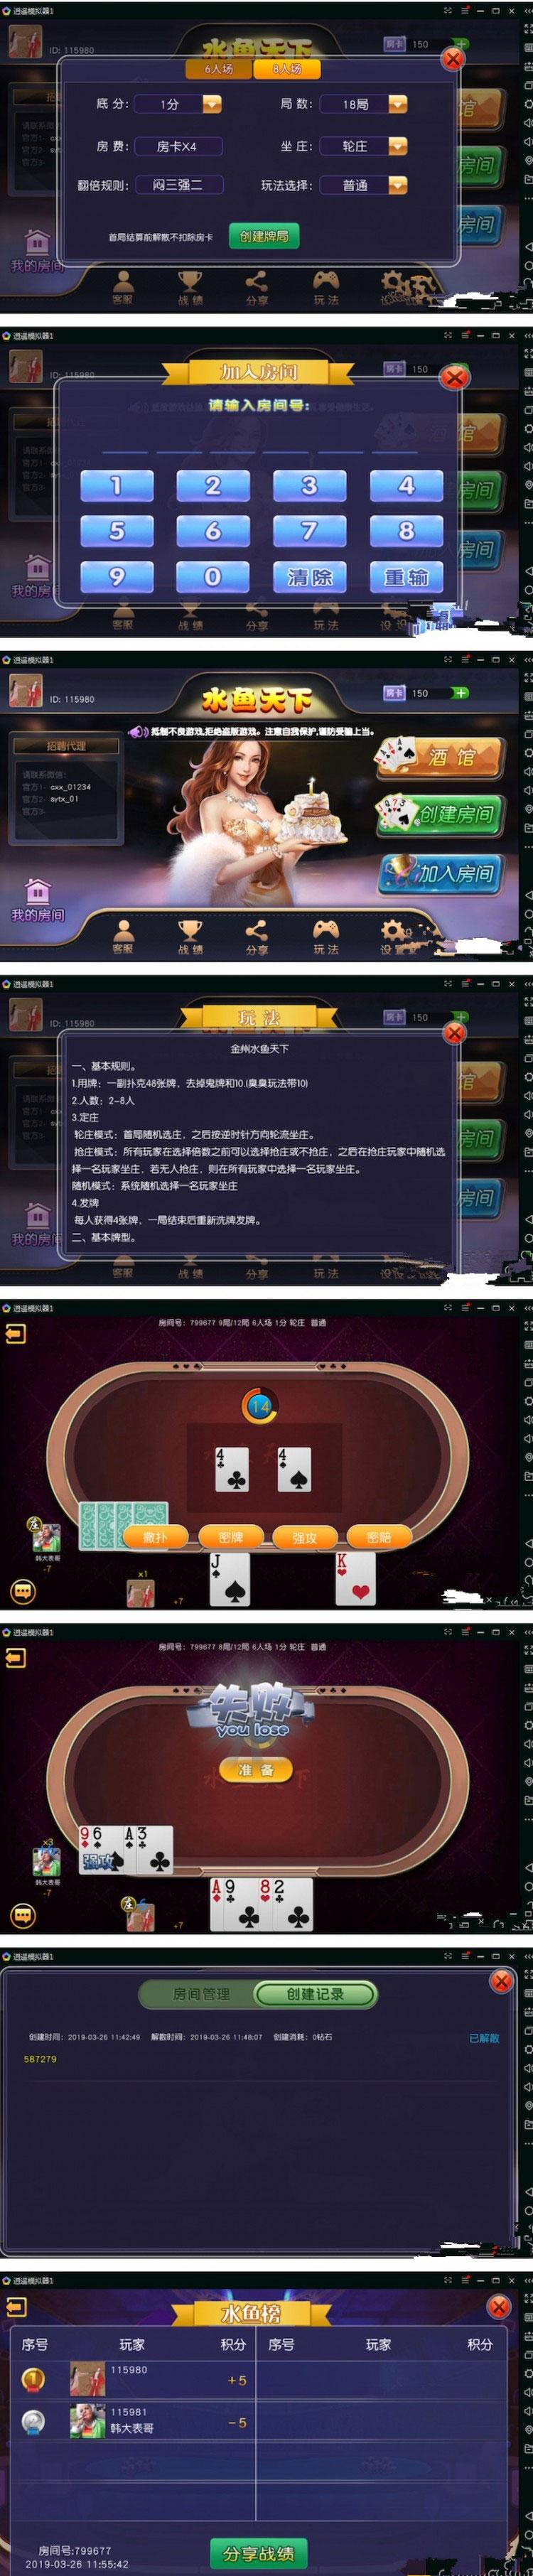 新版水鱼天下无授权棋牌游戏组件